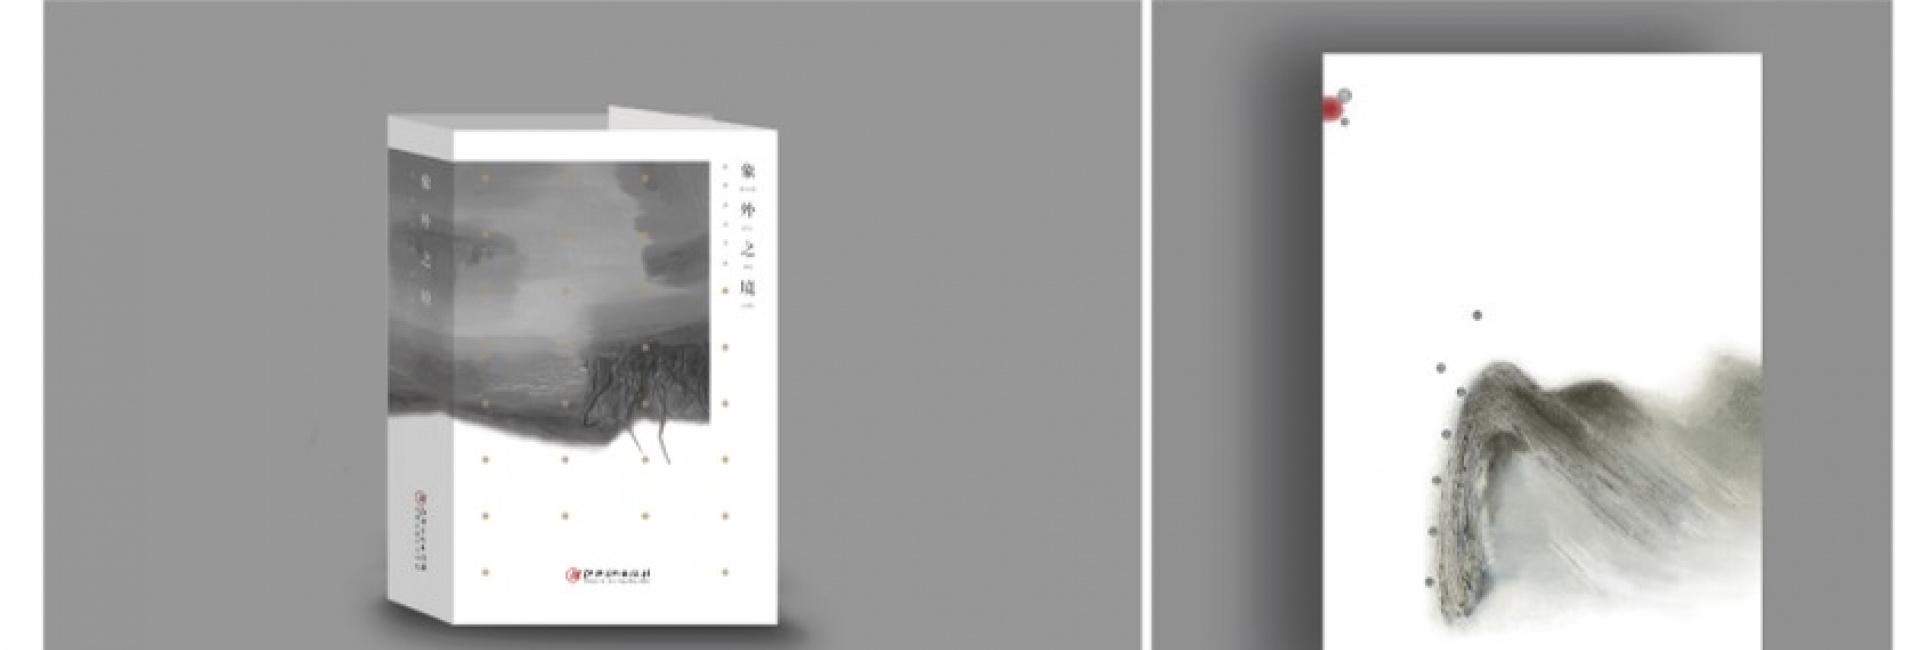 Book Design of  '象外之境'陈锋油画作品